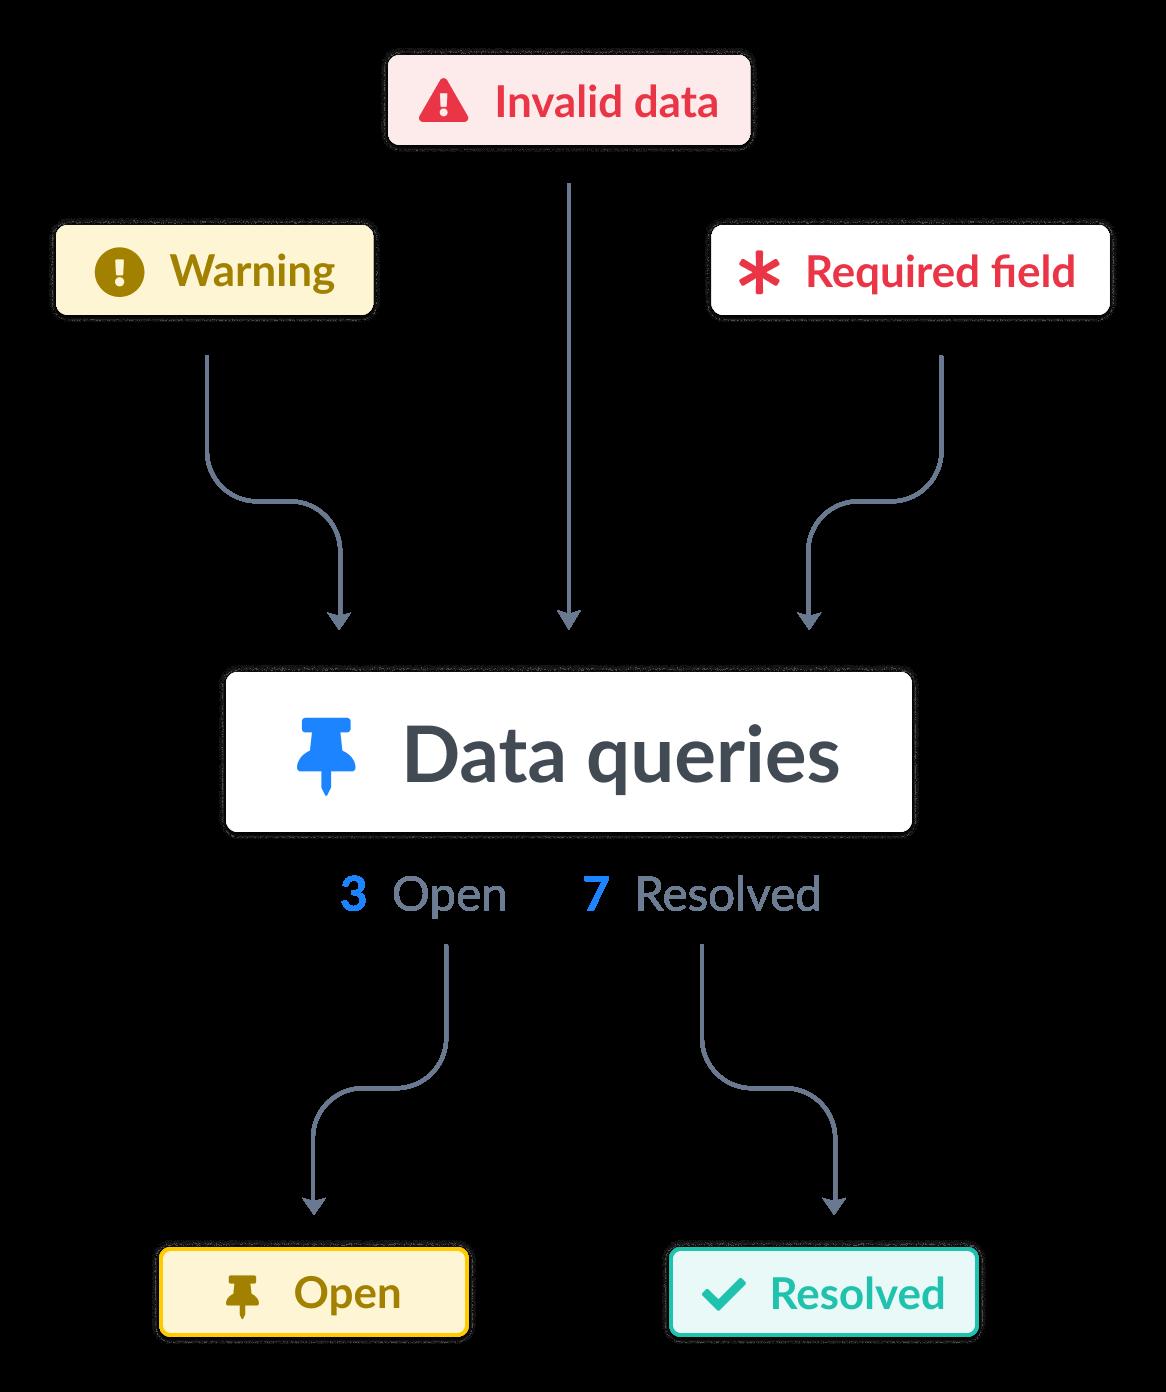 Los datos no válidos, los campos de advertencia y los campos obligatorios desencadenan consultas de datos individuales que pueden marcarse como abiertos o resueltos